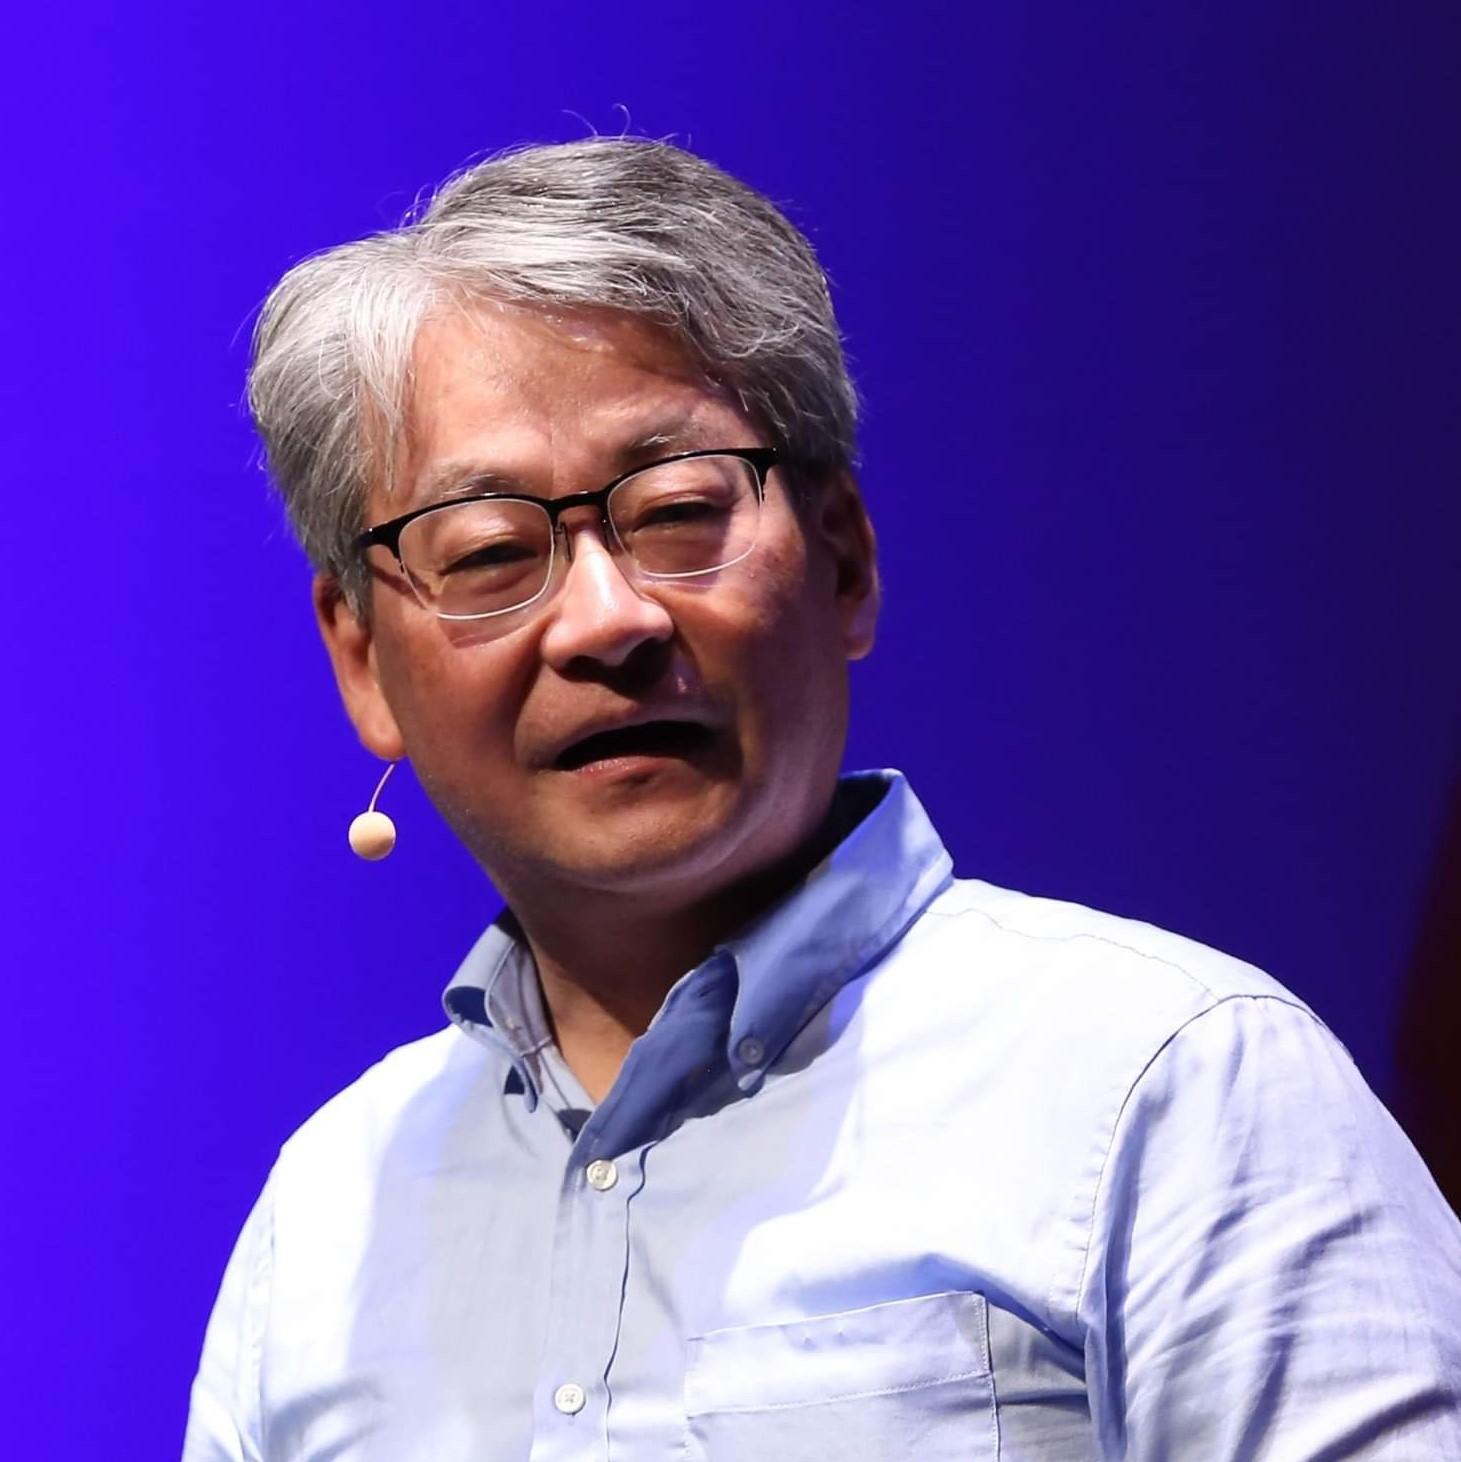 Shoji Shiraishi